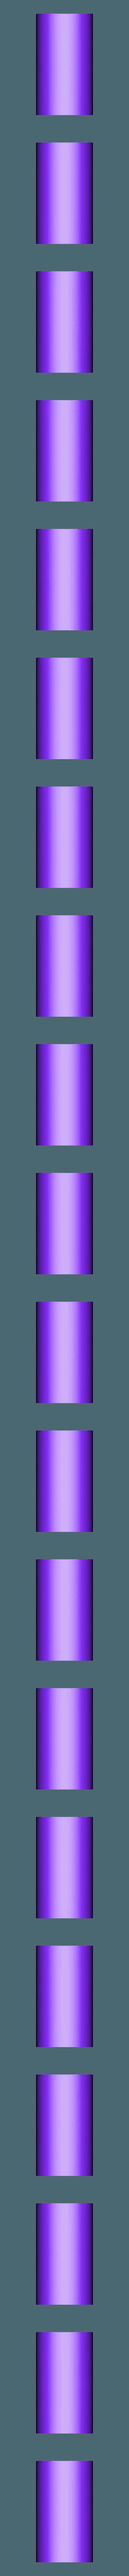 Titan_Fan_Duct_Standoff.stl Télécharger fichier STL gratuit Mise à niveau de l'extrudeuse E3D Titan pour Anet A8 • Design imprimable en 3D, Slava_Z